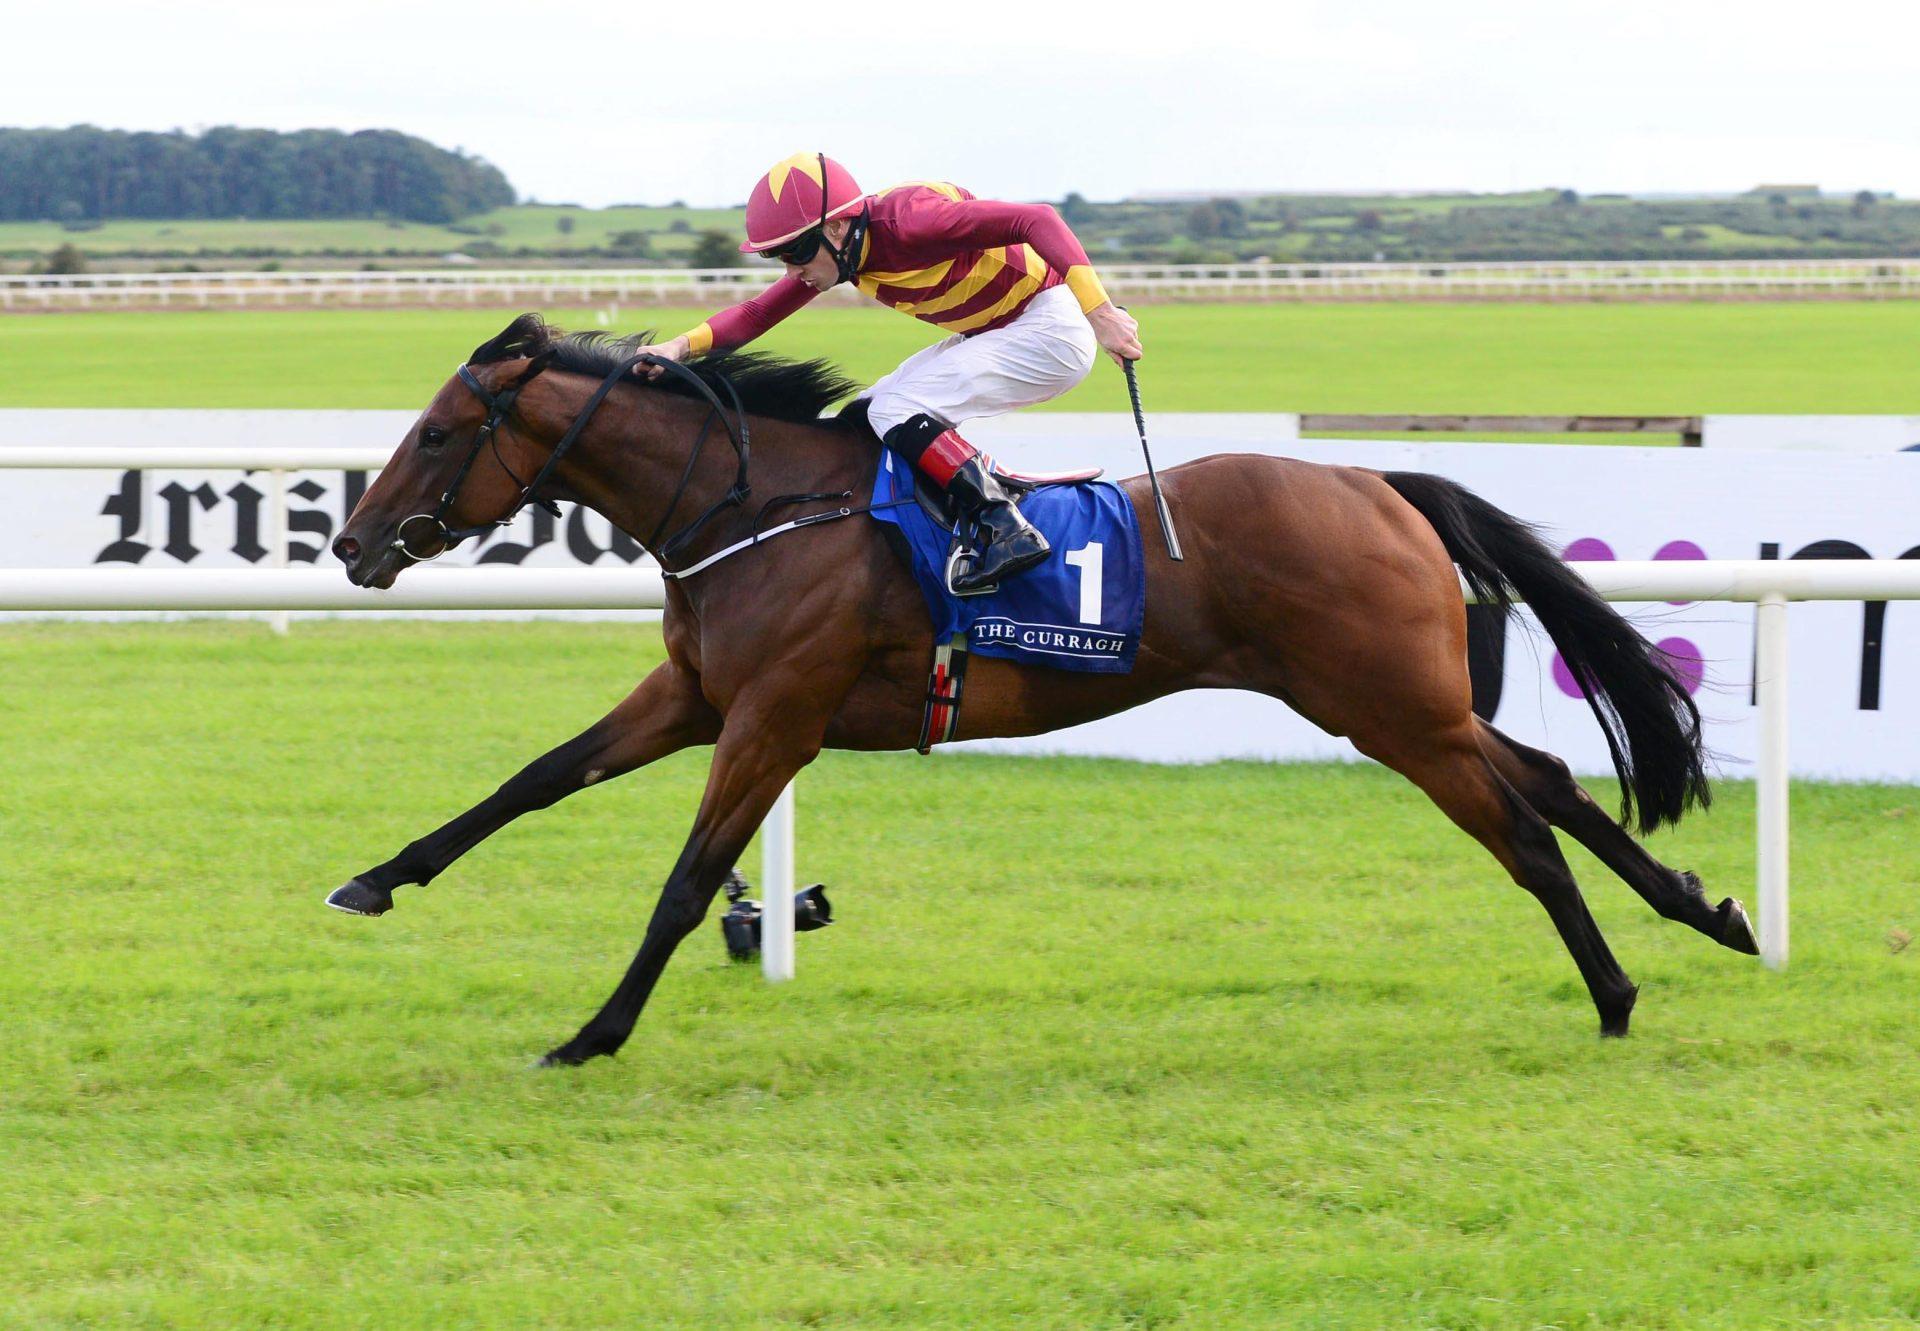 Agartha (Caravaggio) Wins Gr.2 Debutante Stakes at the Curragh